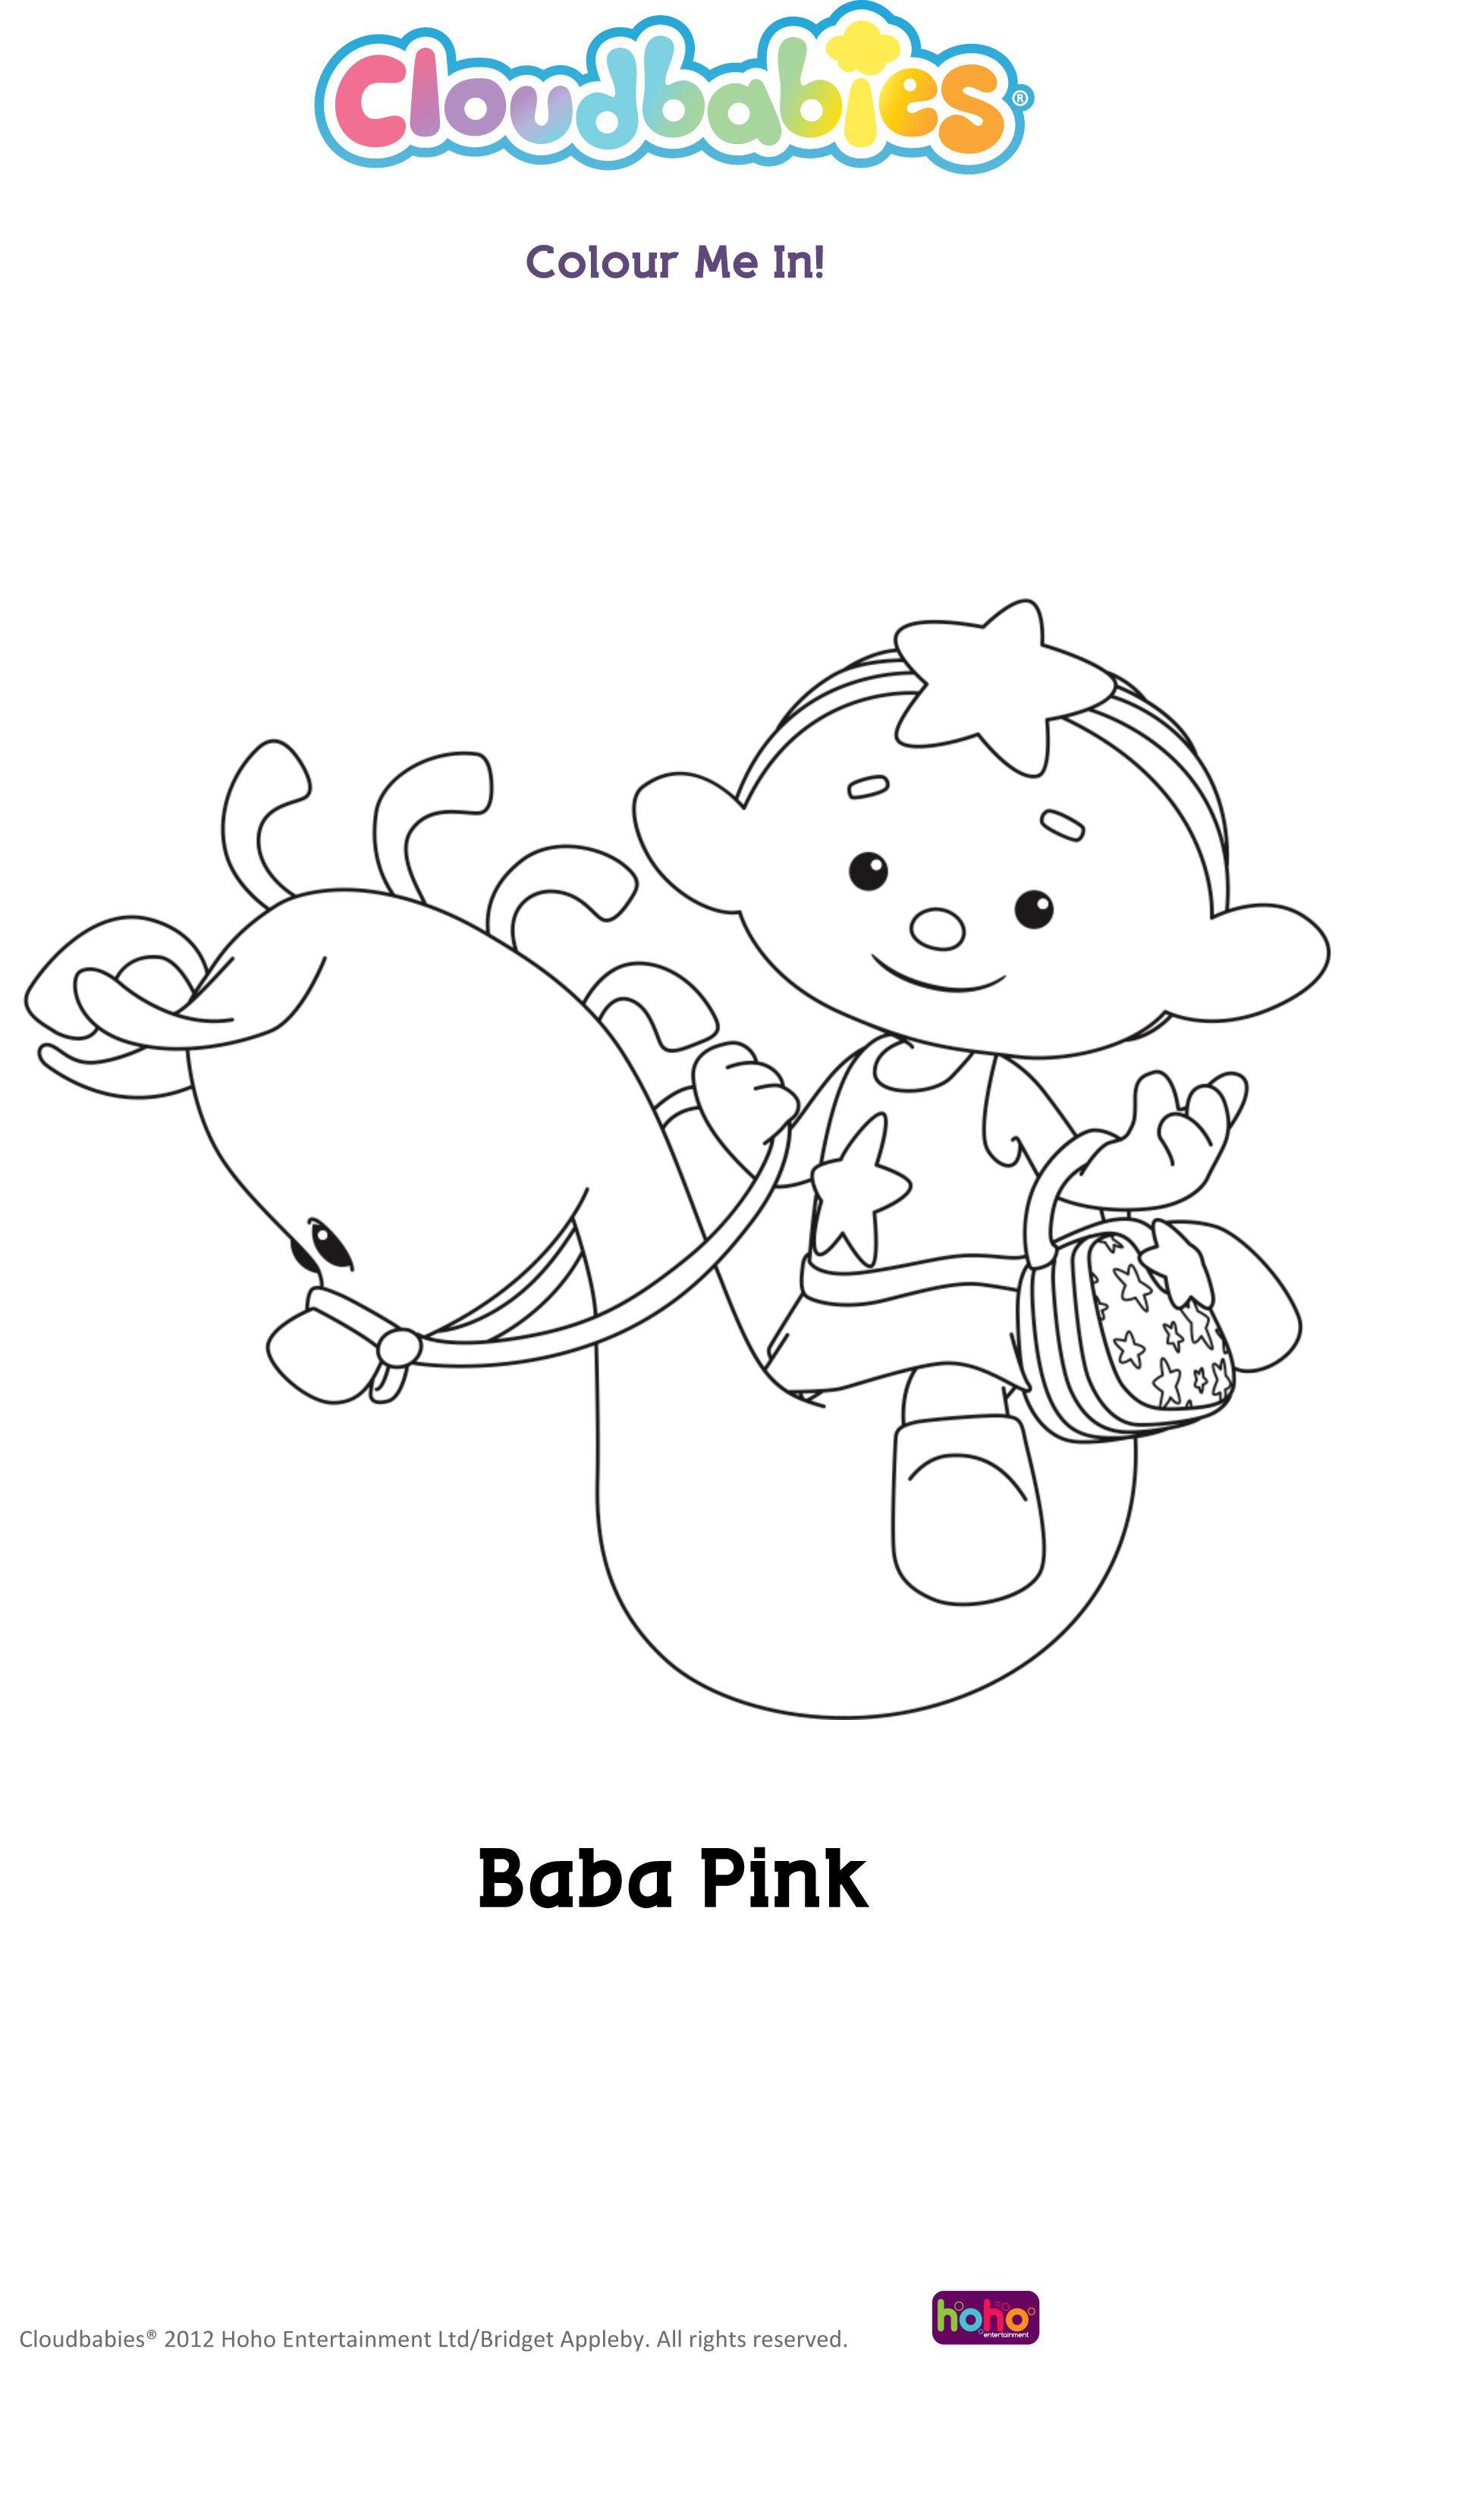 Baba Pink